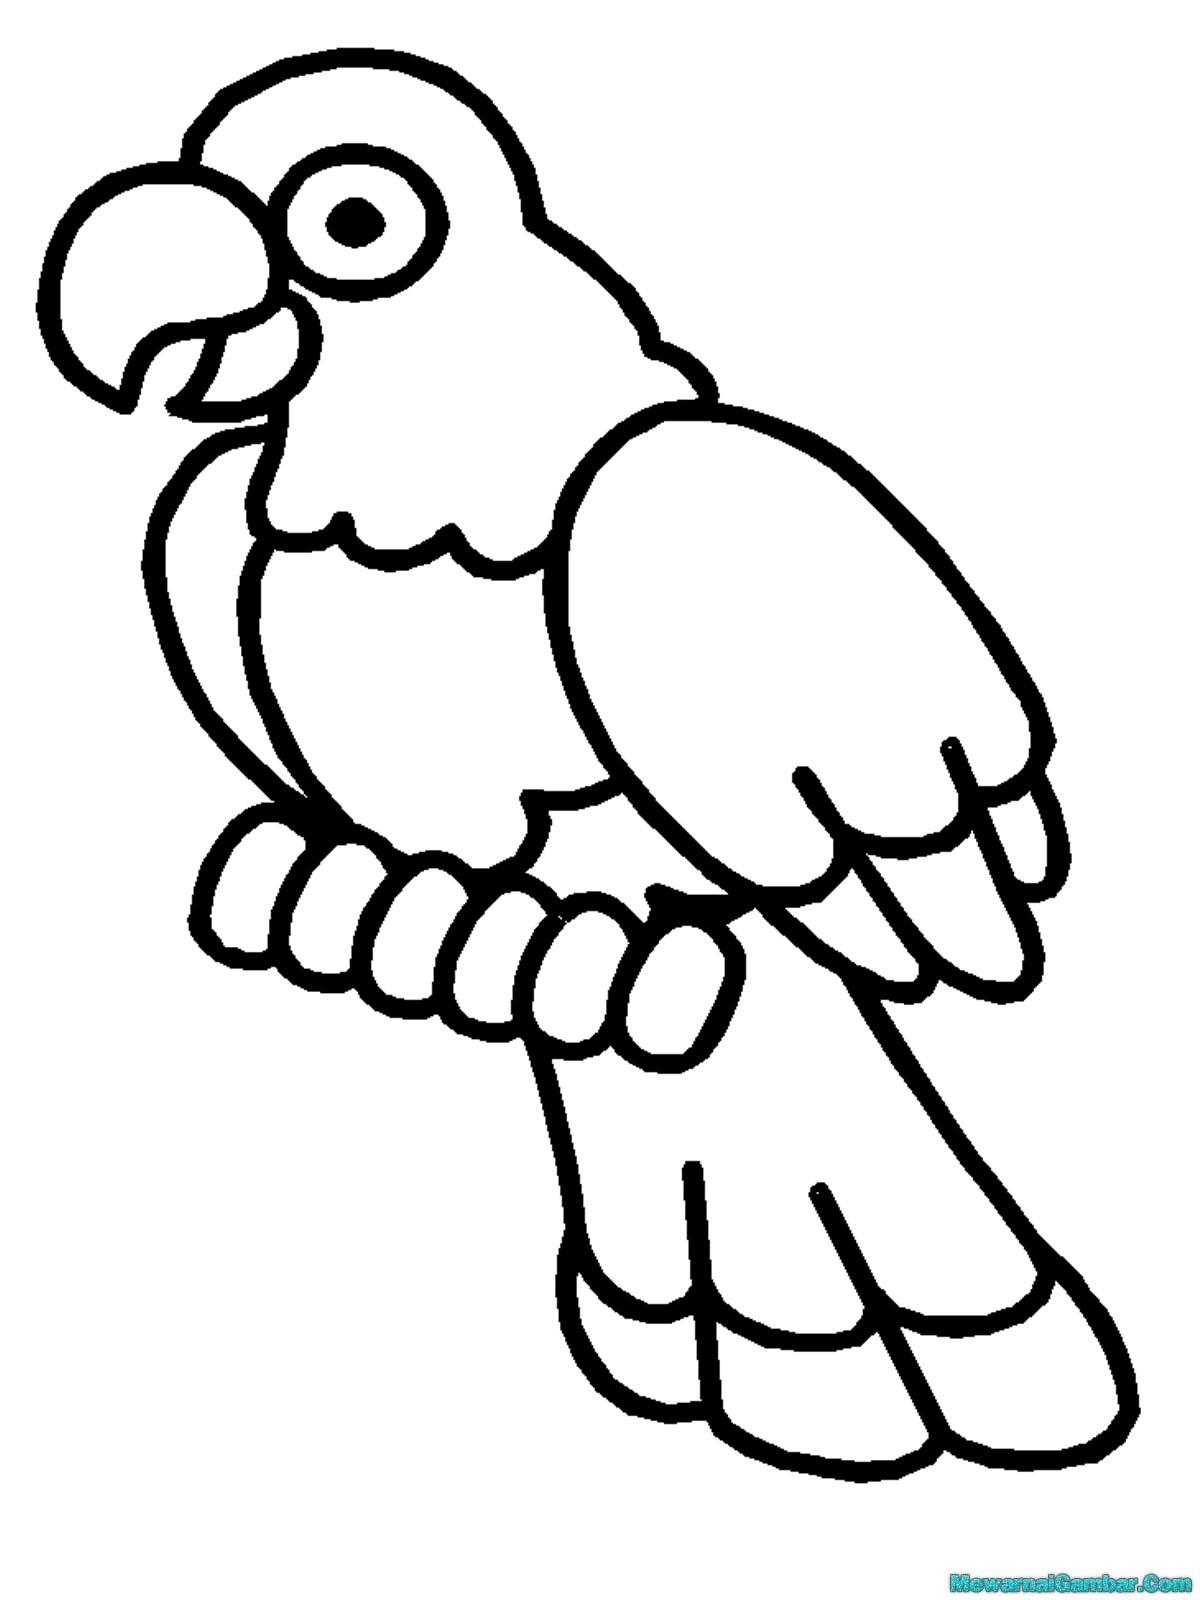 Pin Kumpulan Gambar Burung Kenari Merpati Murai Cendrawasih Elang Dll